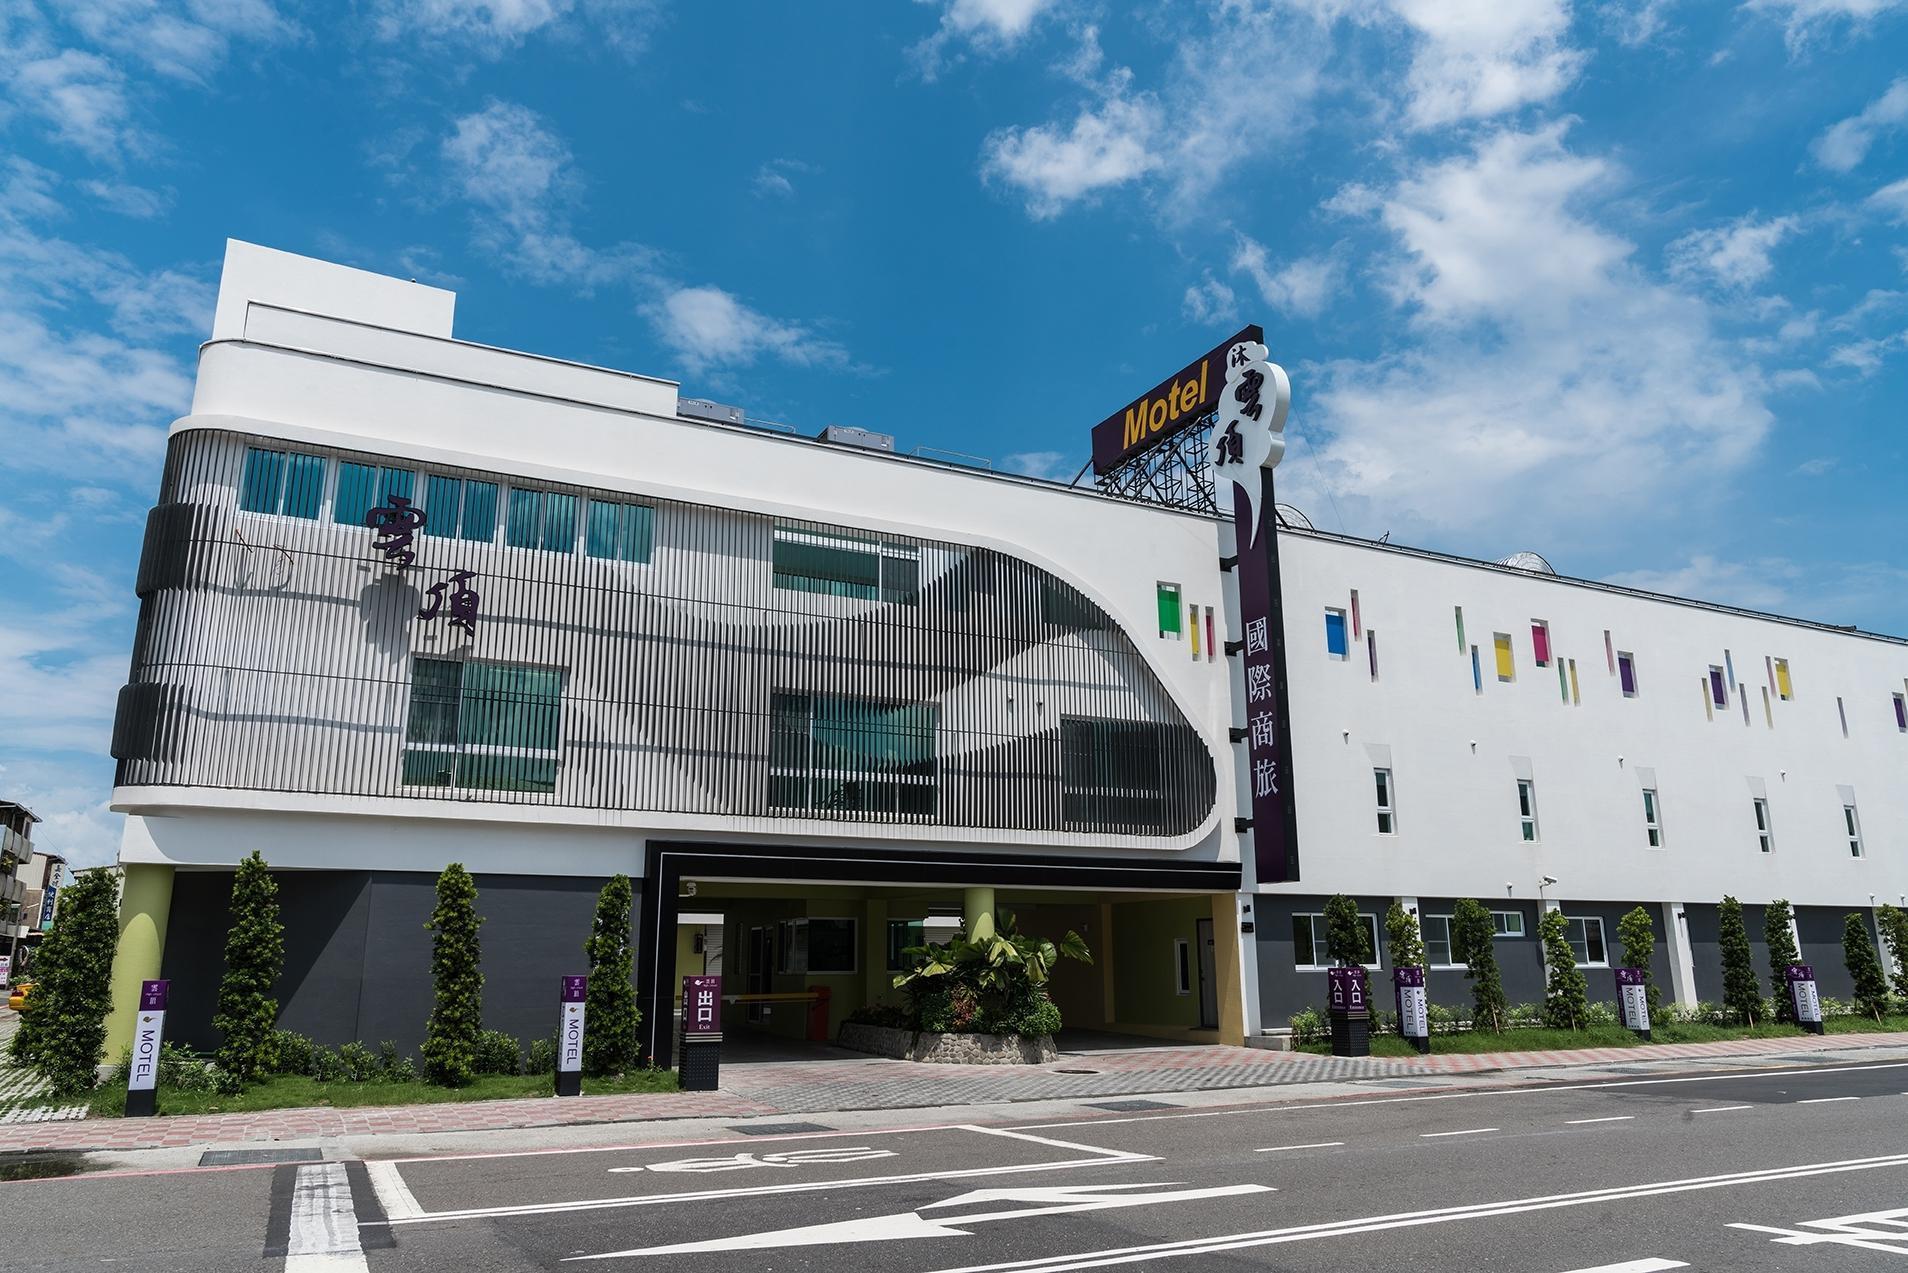 HIGH CLOUD INTERNATIONAL BUSINESS HOTEL